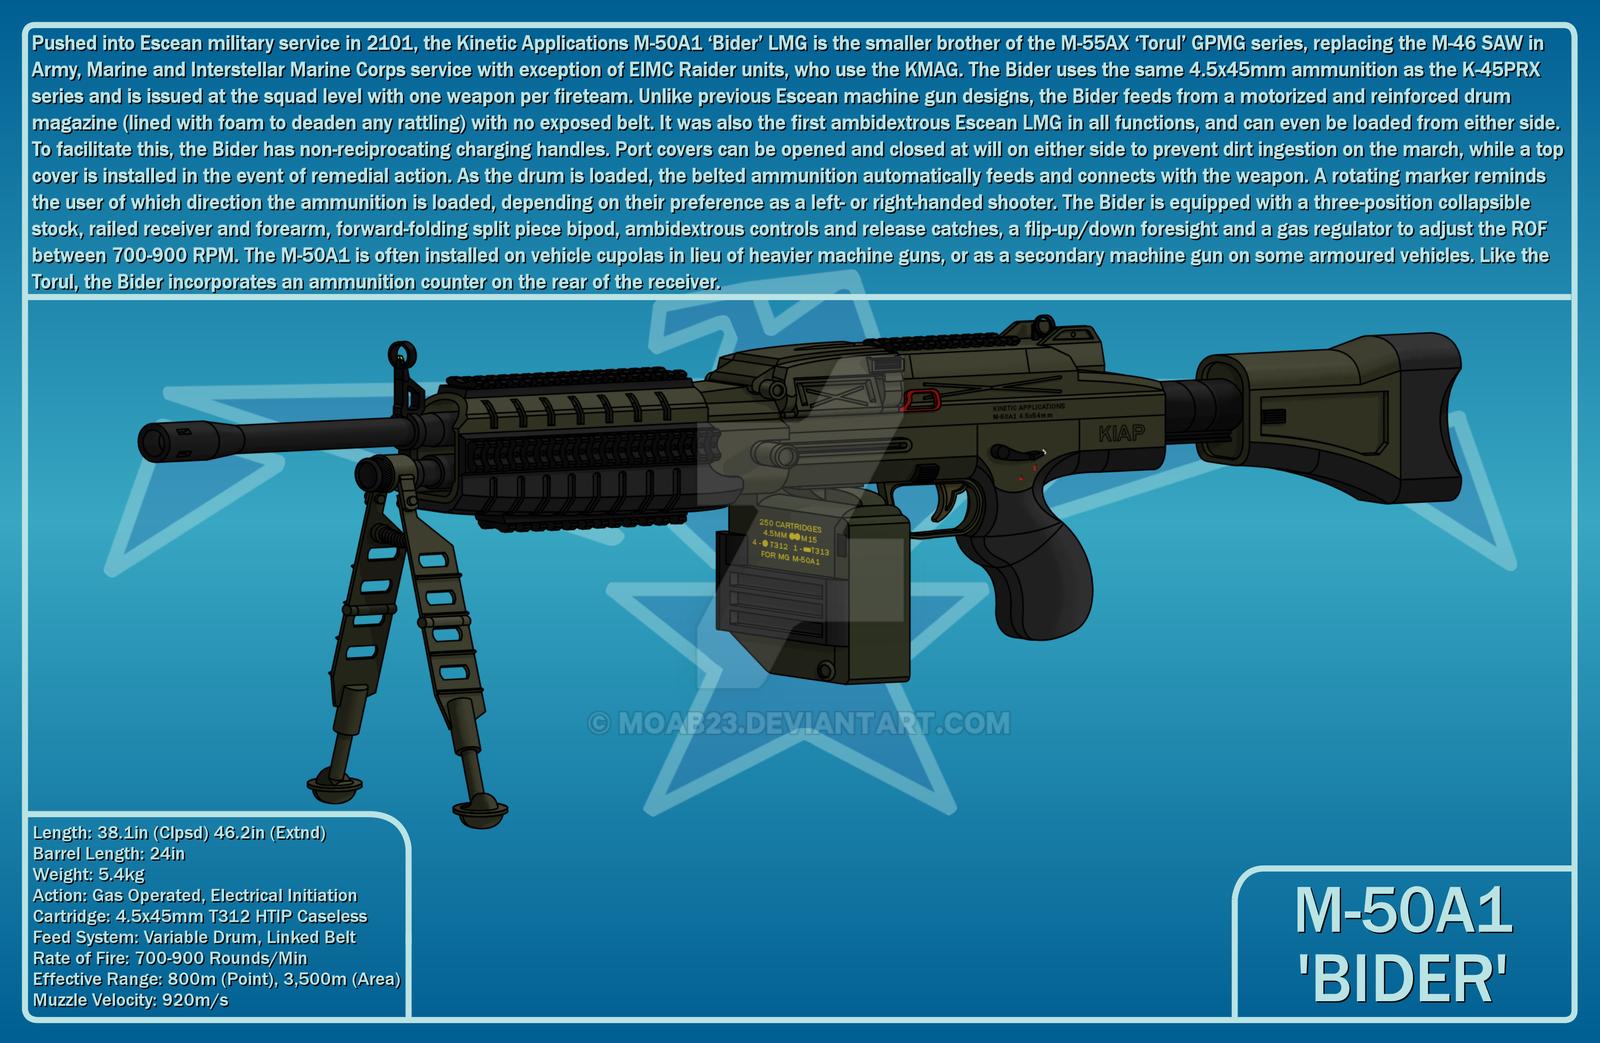 M-50A1 Bider by MOAB23